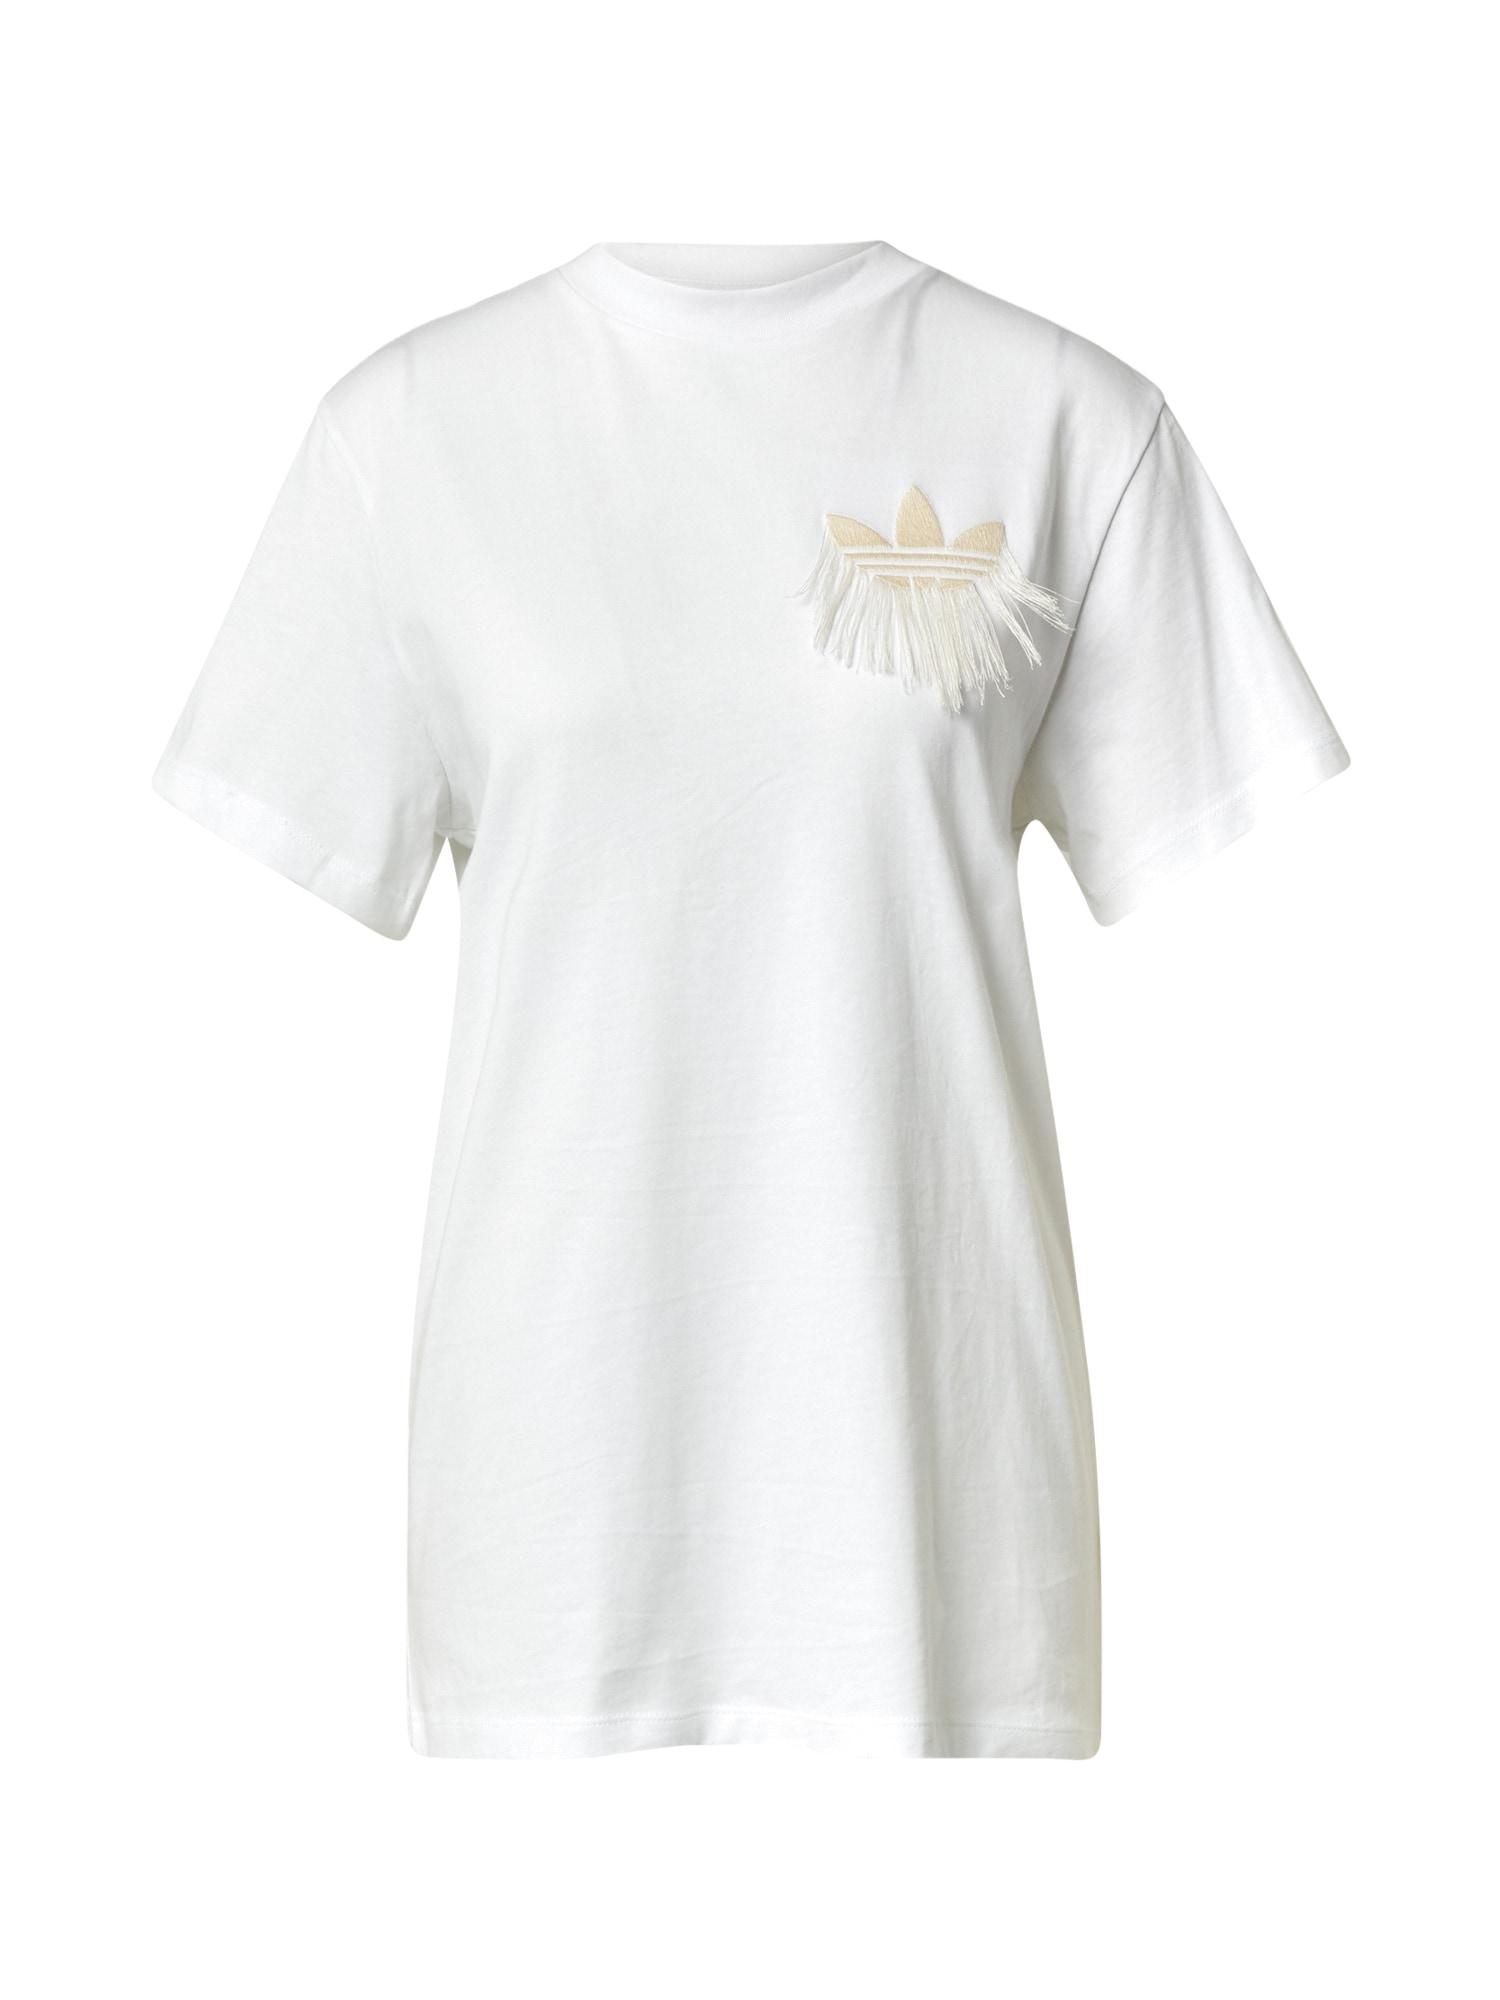 ADIDAS ORIGINALS Tričko  bílá